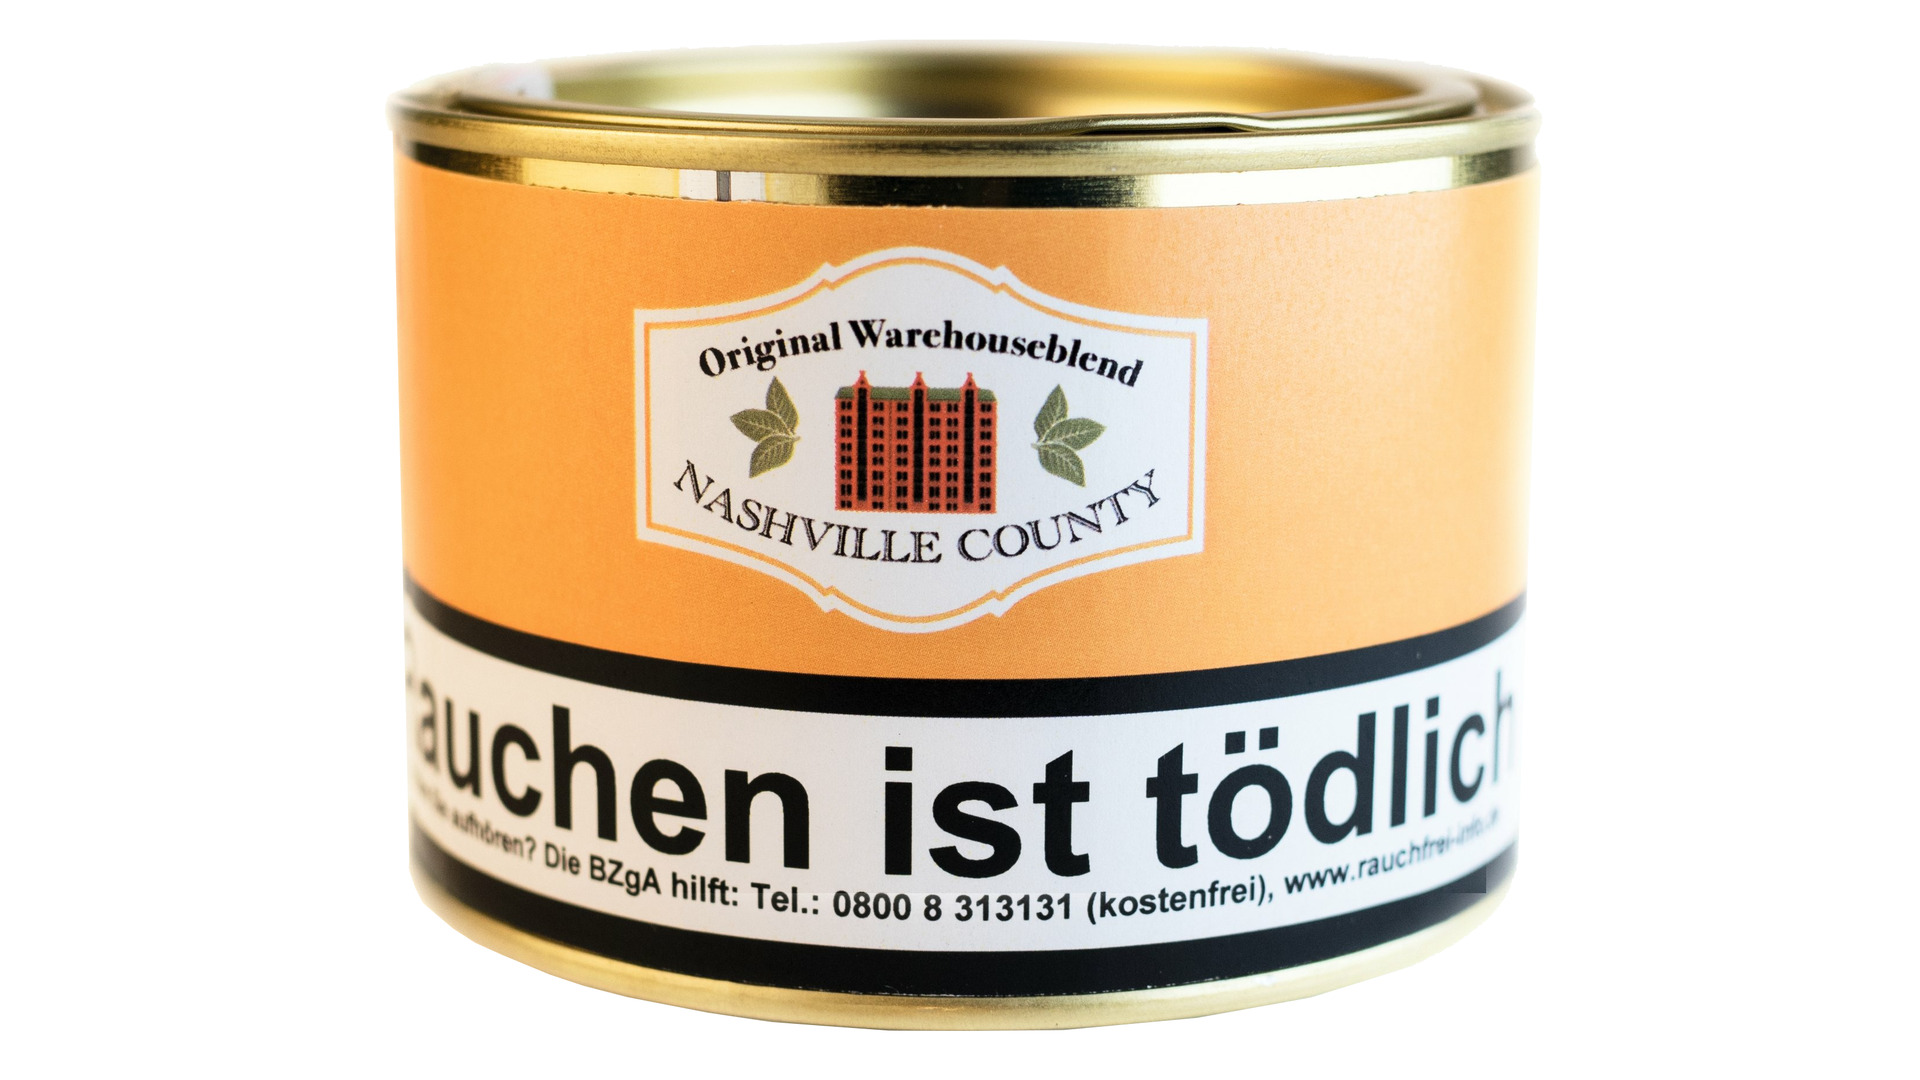 10/05 Nos volutes dominicale.... Hu-tobacco-original-warehouseblend-pfeifentabak-nashville-county-100-gramm-dose.jpg?u=https%3A%2F%2Fwww.pipe-republic.de%2Fbilder%2Fproducts%2F2019%2F05%2F5ce4fd78c3757%2Fbig%2Fhu-tobacco-original-warehouseblend-pfeifentabak-nashville-county-100-gramm-dose